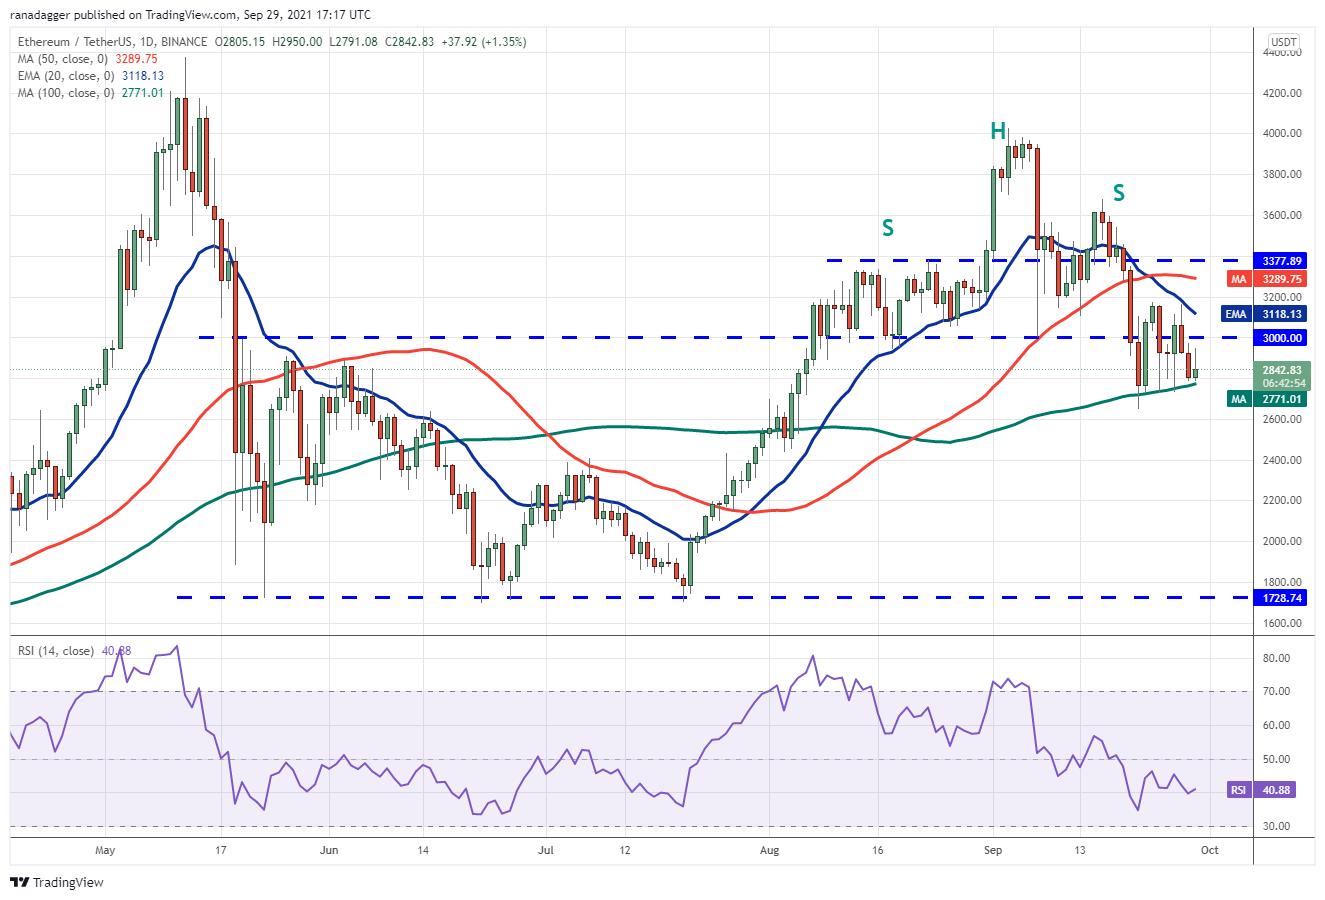 BTCがアルトコインの重荷に 仮想通貨チャート分析:ビットコイン・イーサ・XRP(リップル)